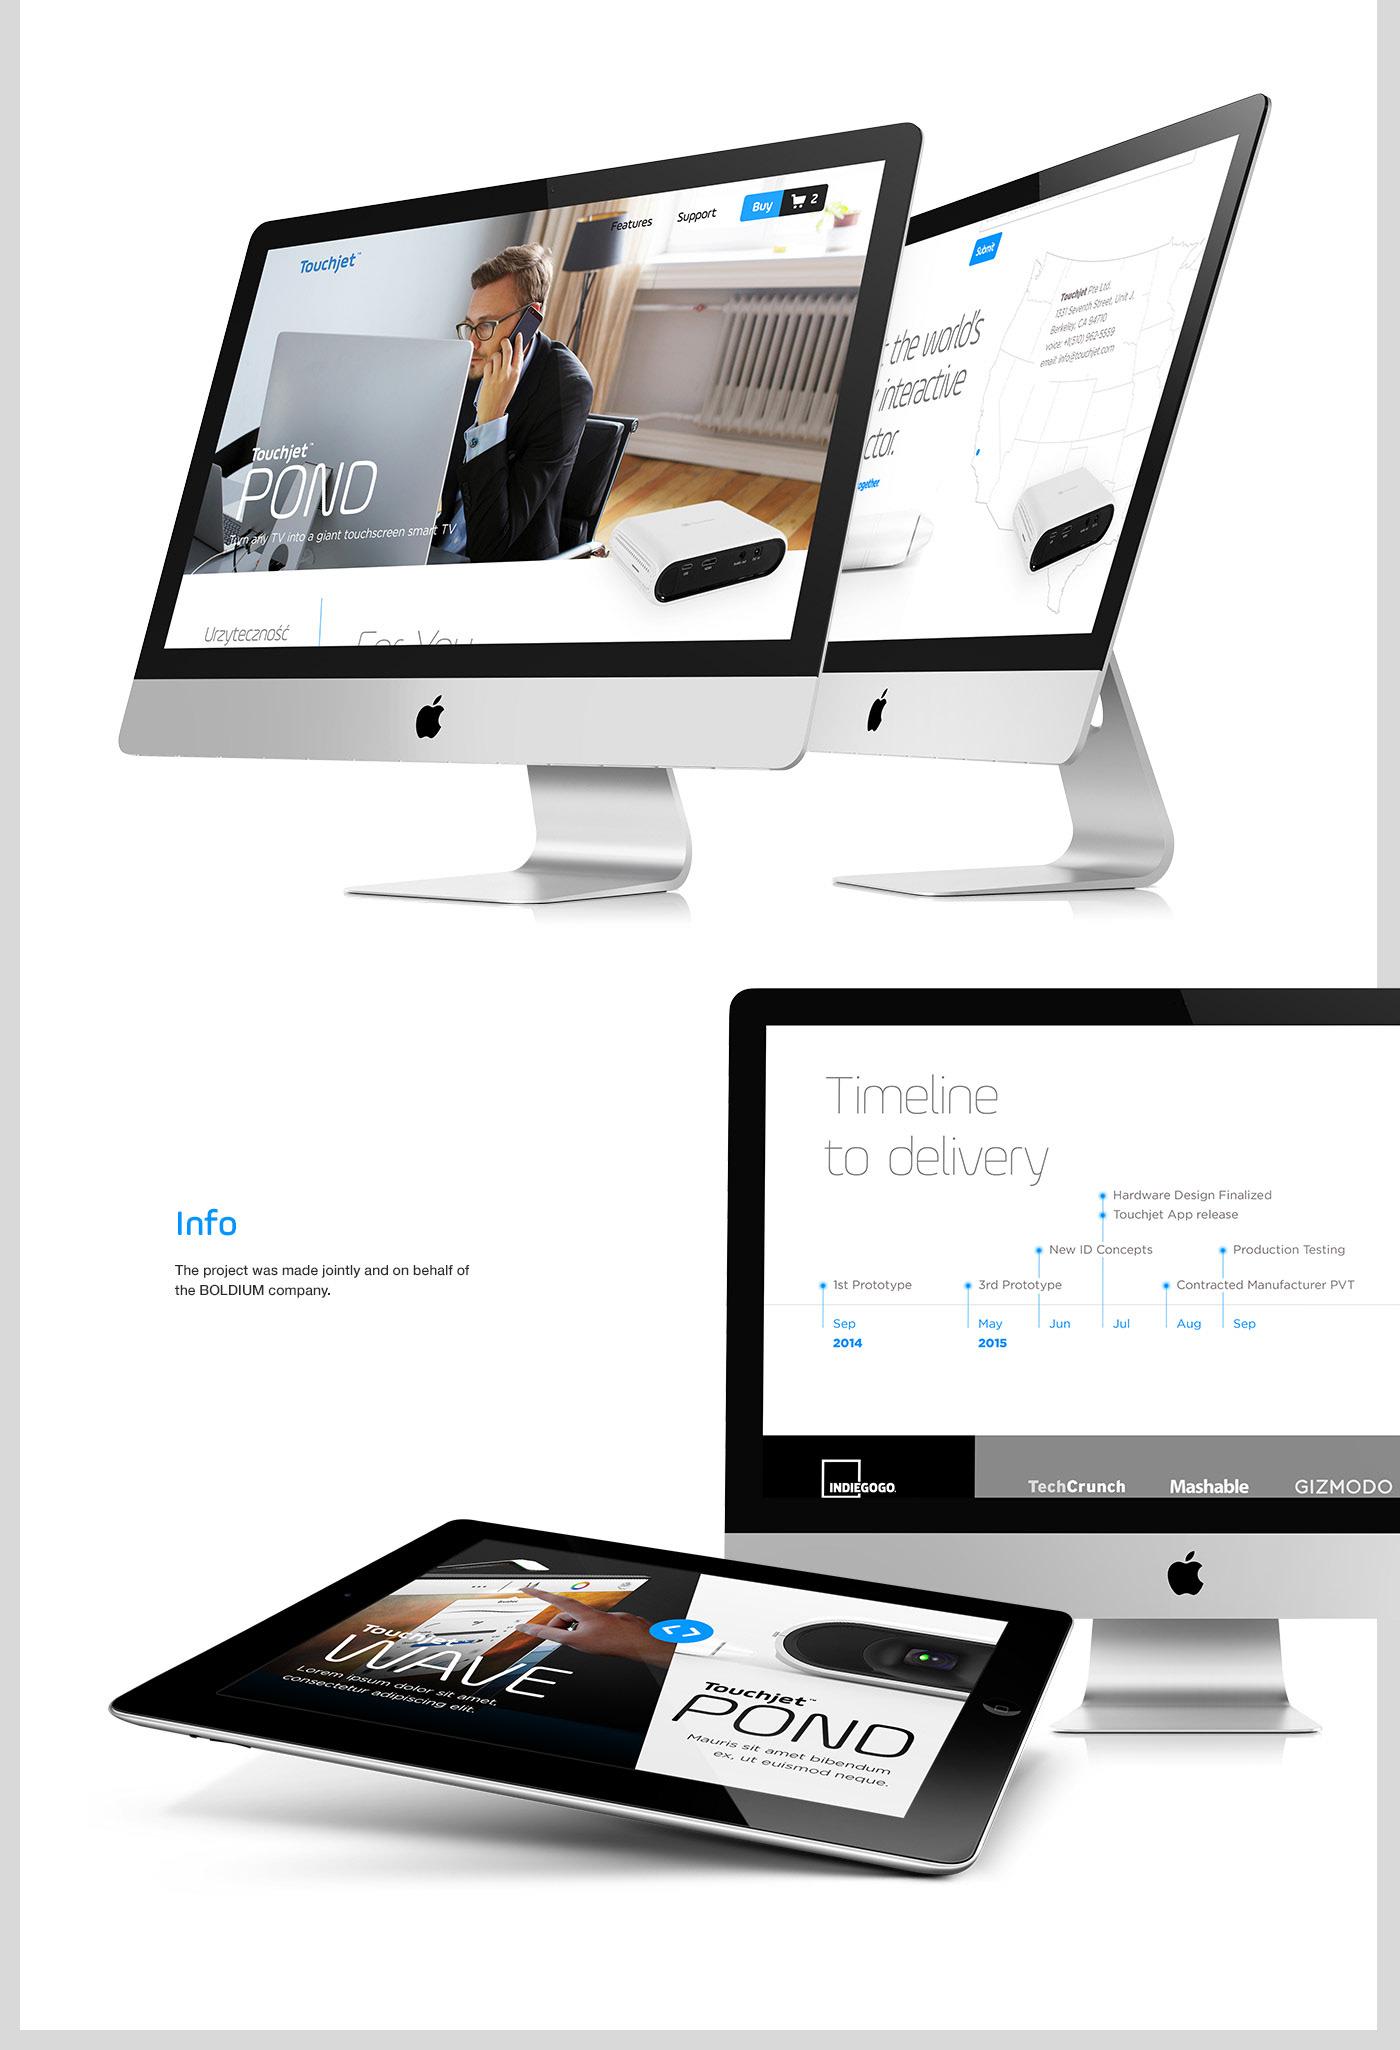 Web www site Touchjet wave pond ux uxd UX design